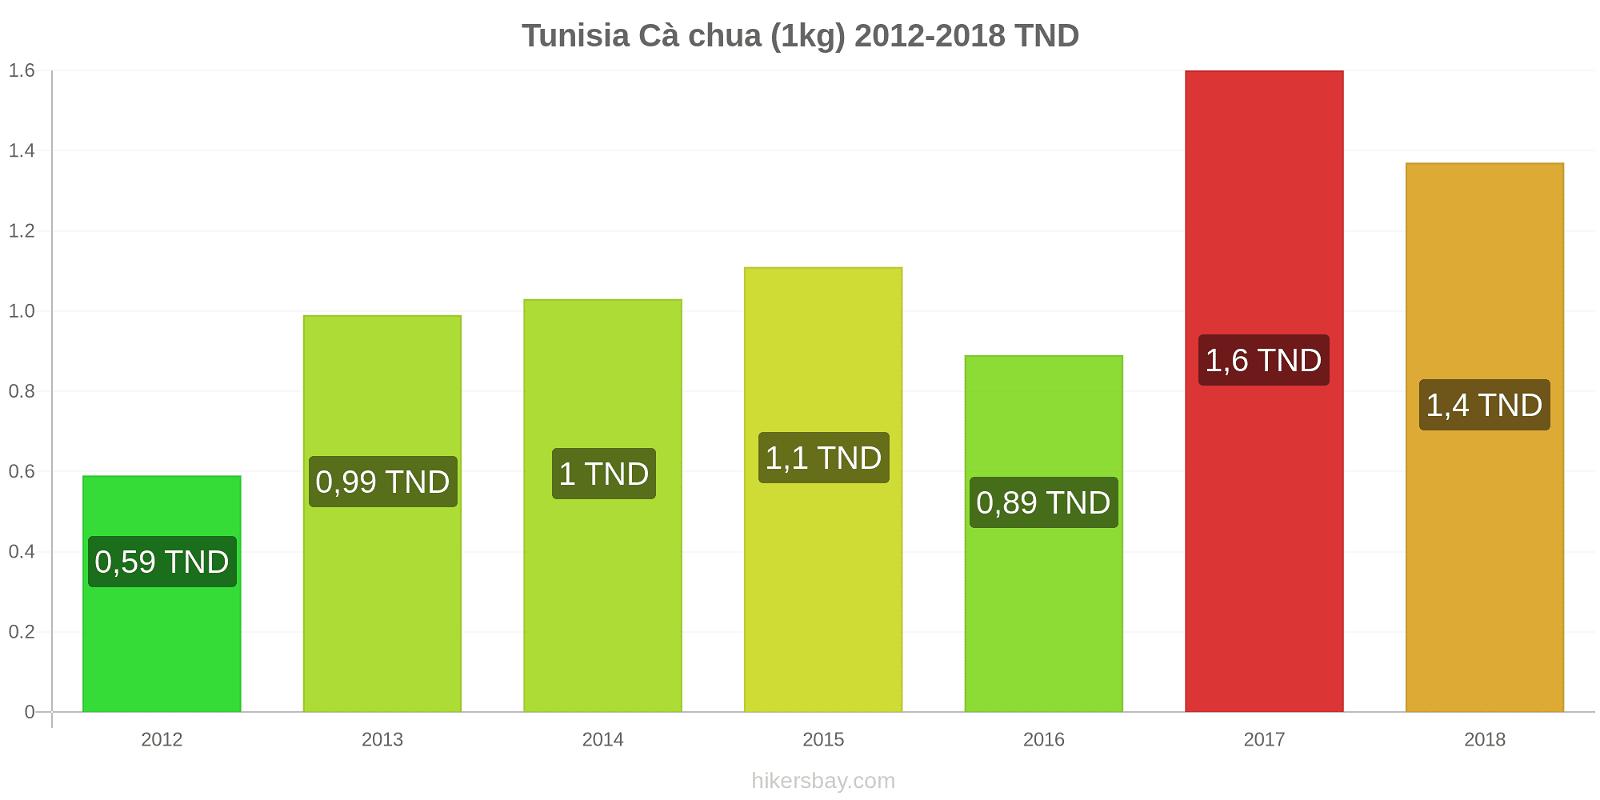 Tunisia thay đổi giá Cà chua (1kg) hikersbay.com